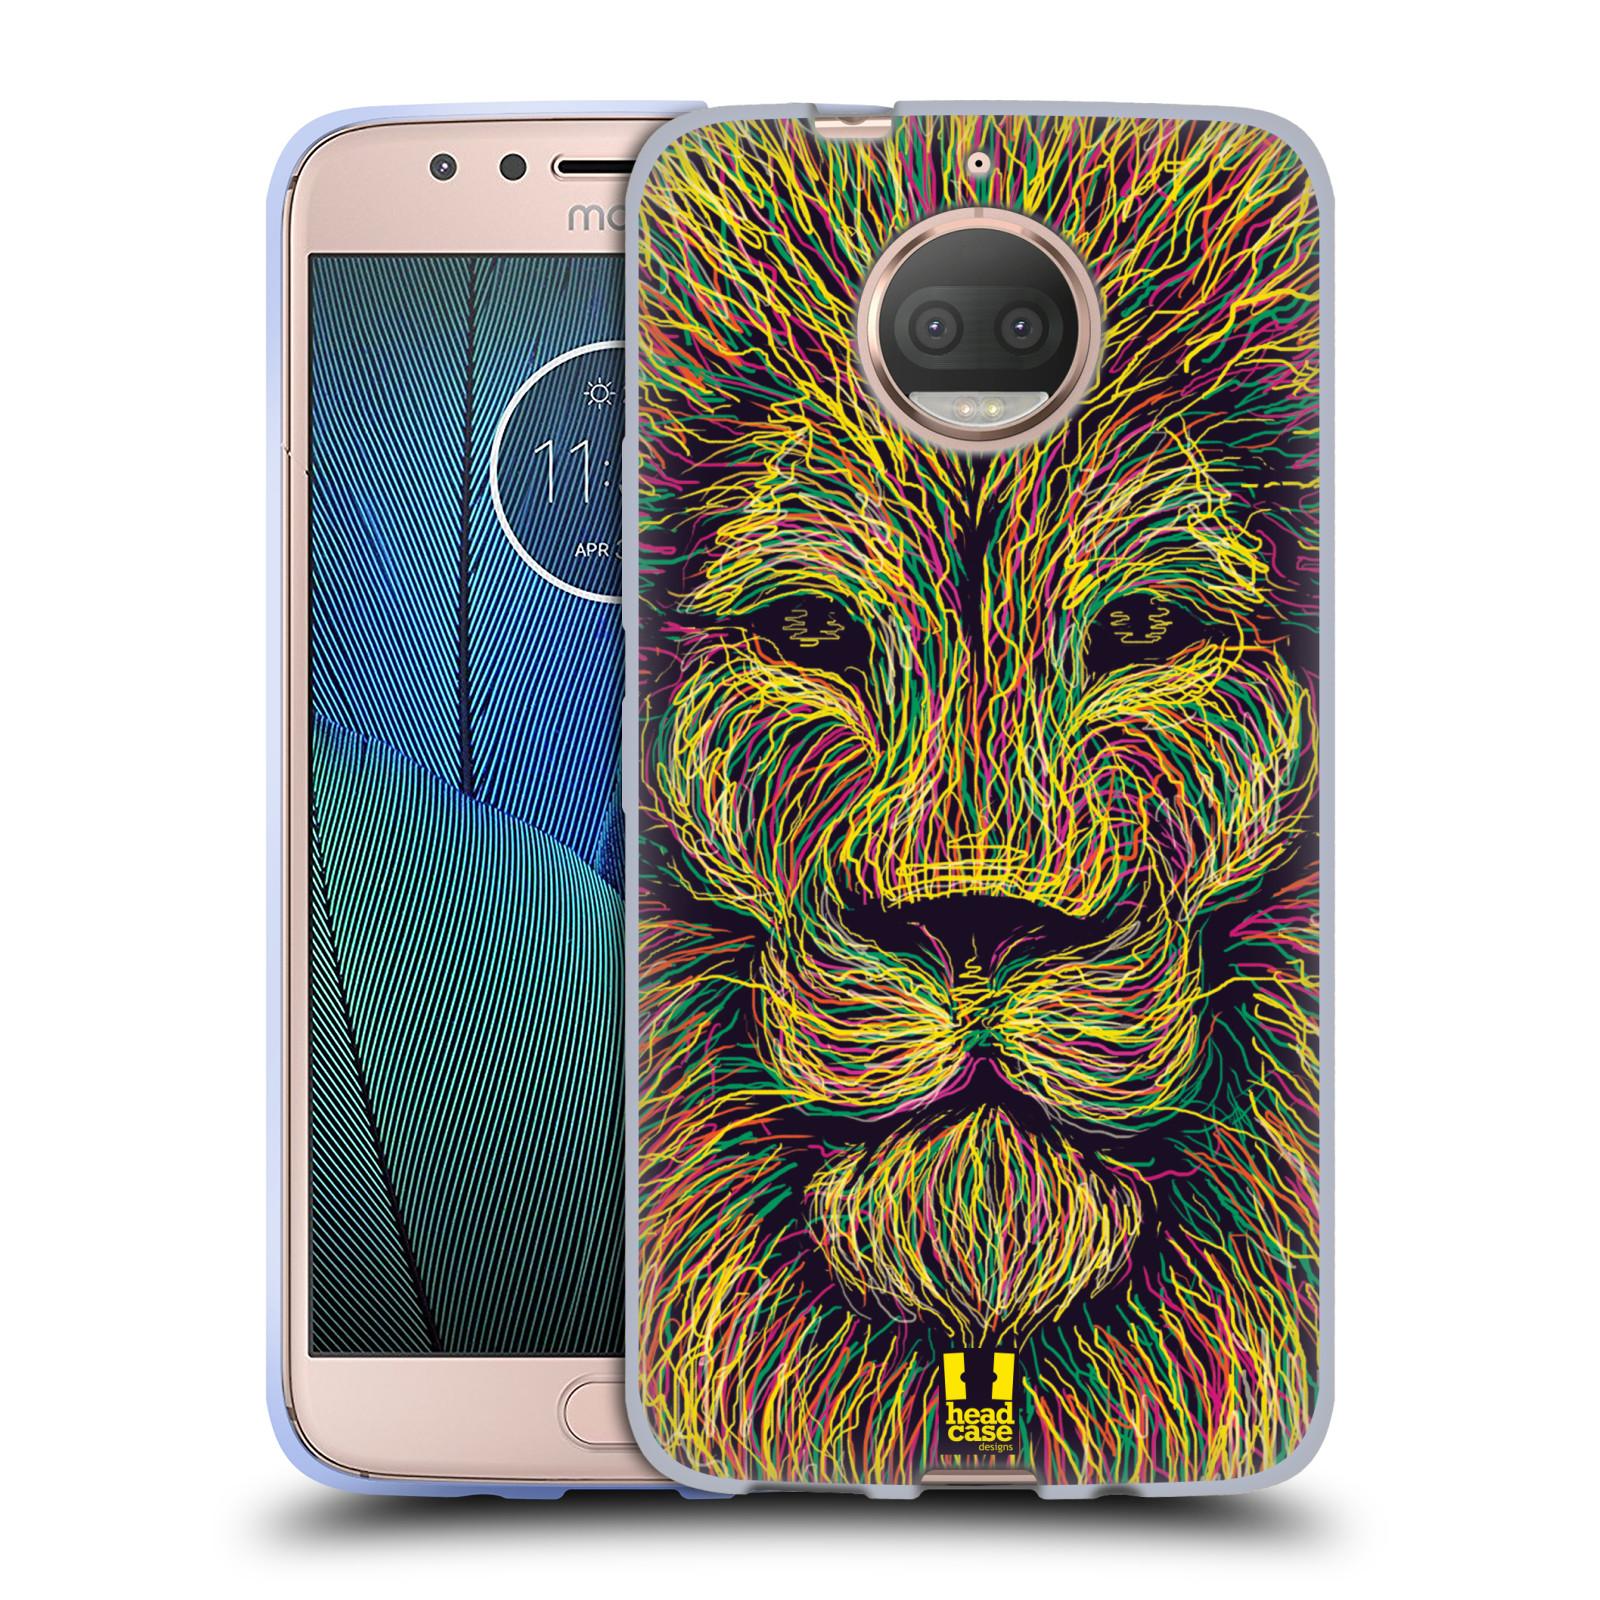 HEAD CASE silikonový obal na mobil Lenovo Moto G5s PLUS vzor zvíře čmáranice lev